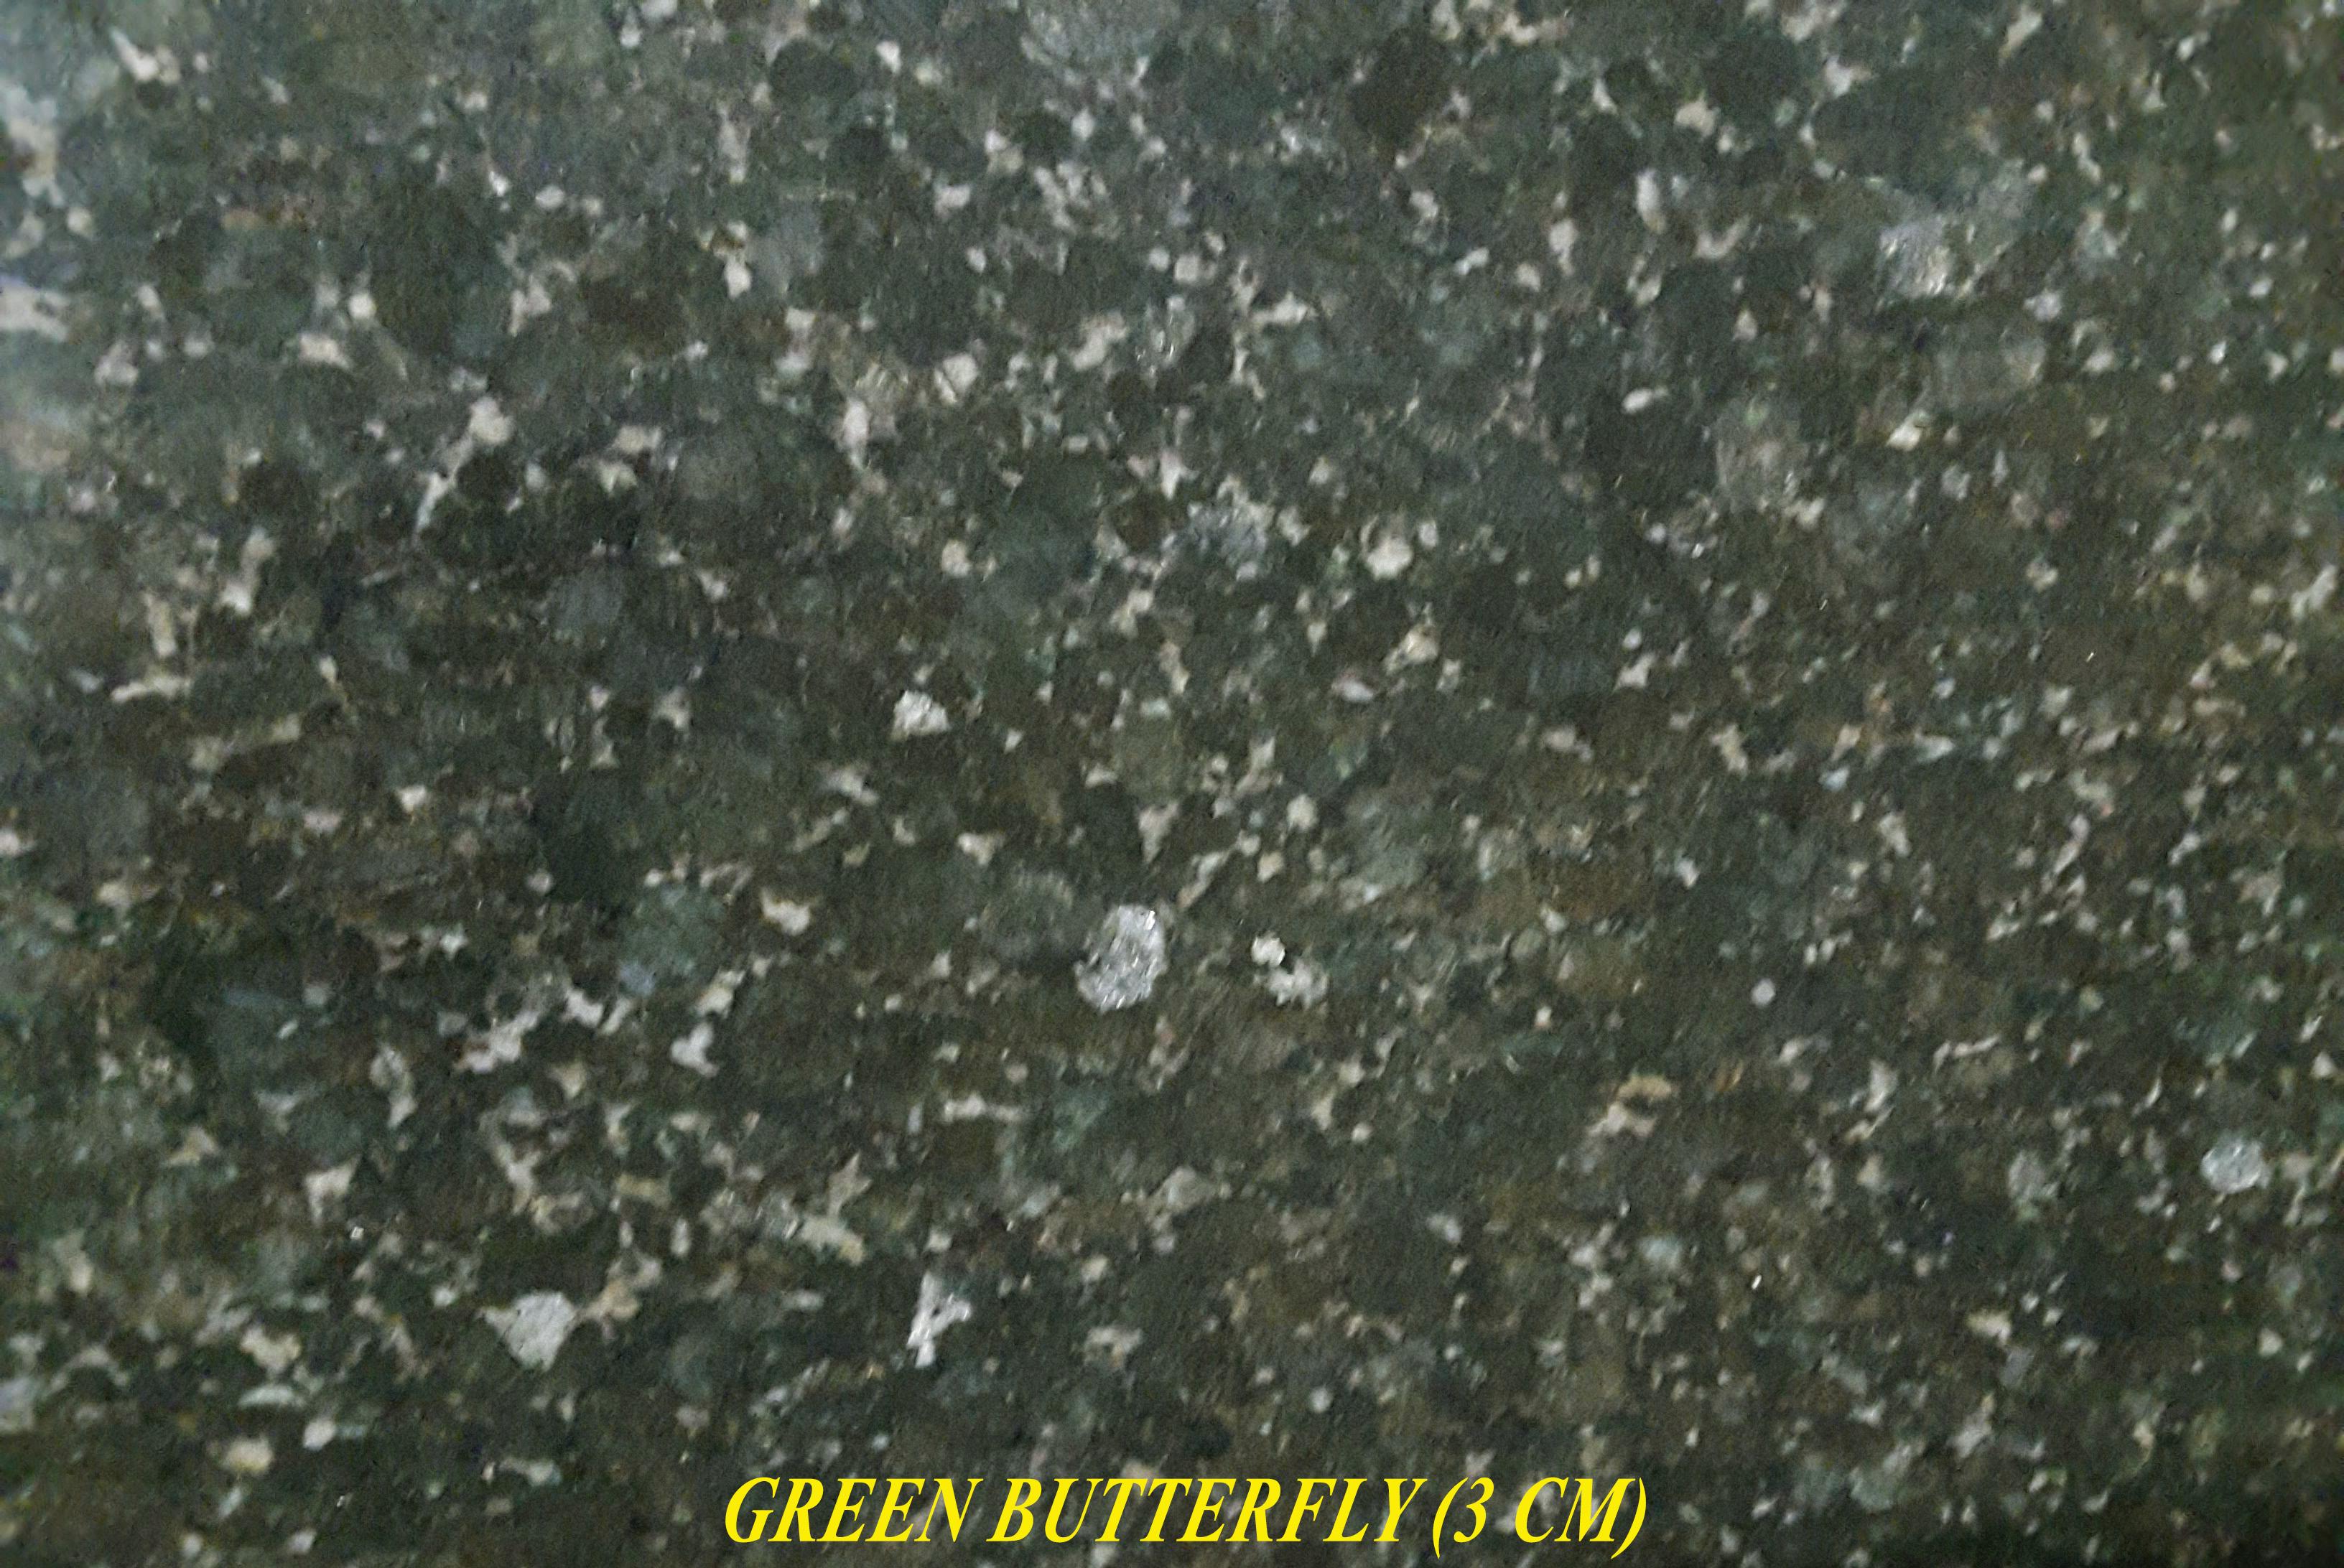 GREEN BUTTERFLY (3 CM)